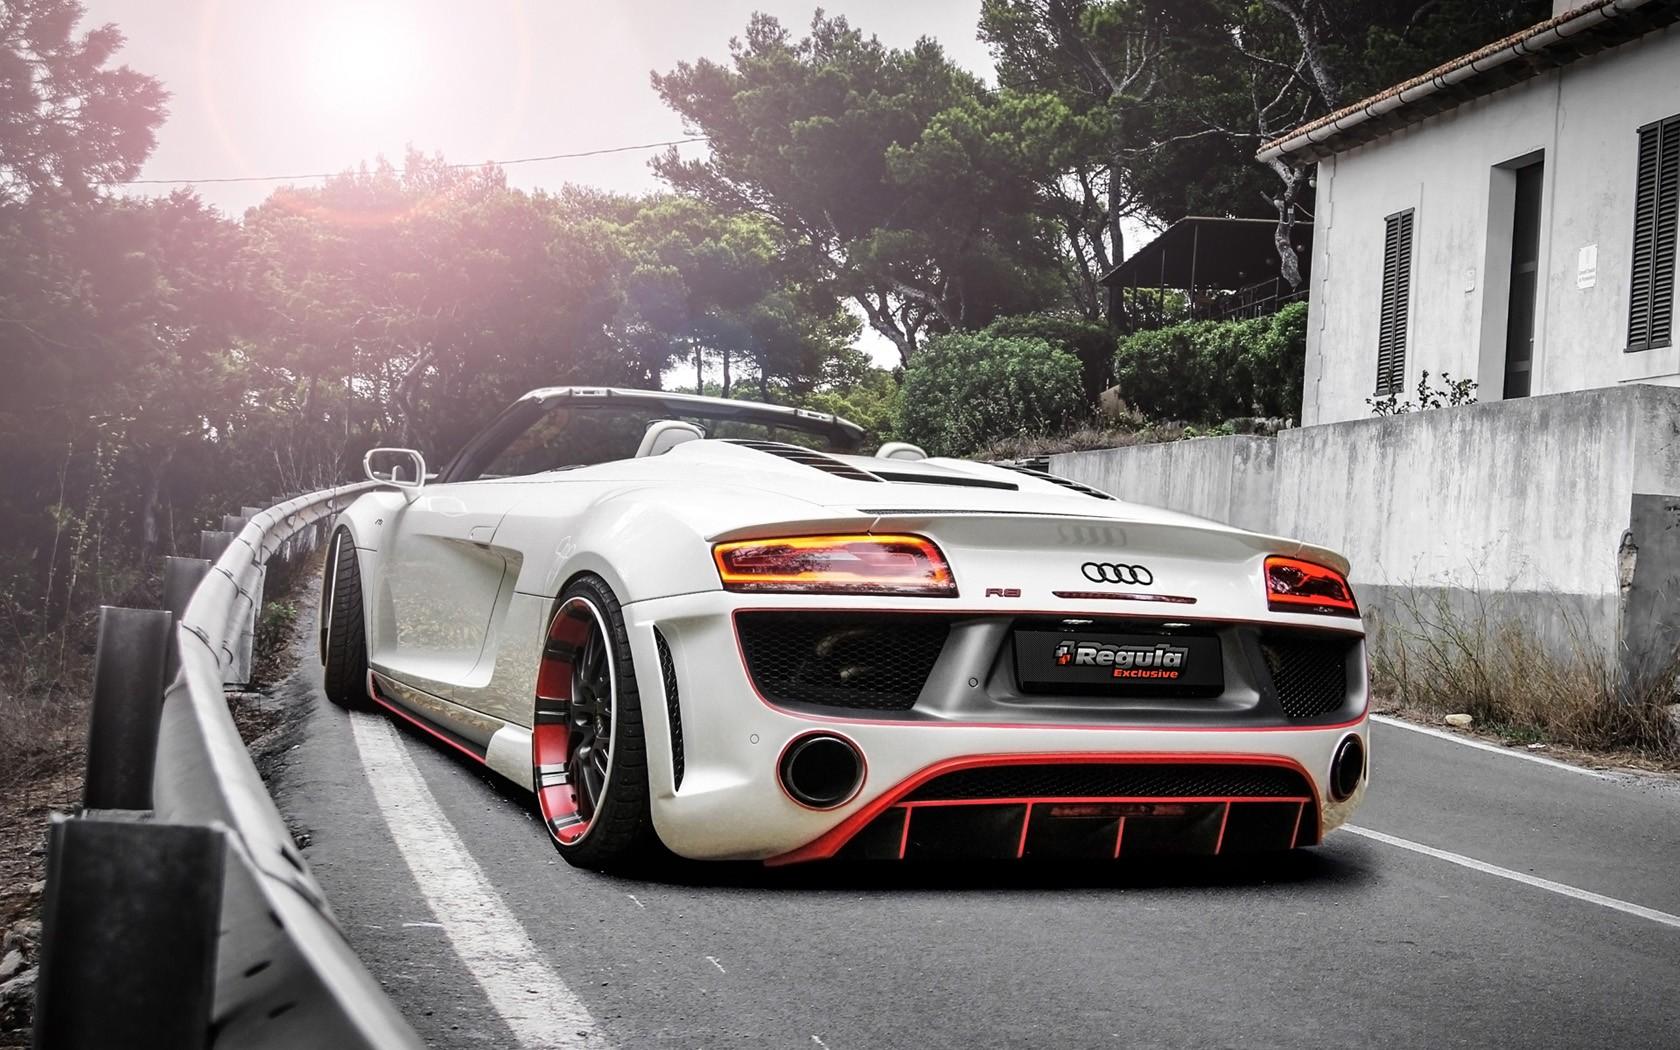 2014 Regula Tuning Audi R8 V10 Spyder